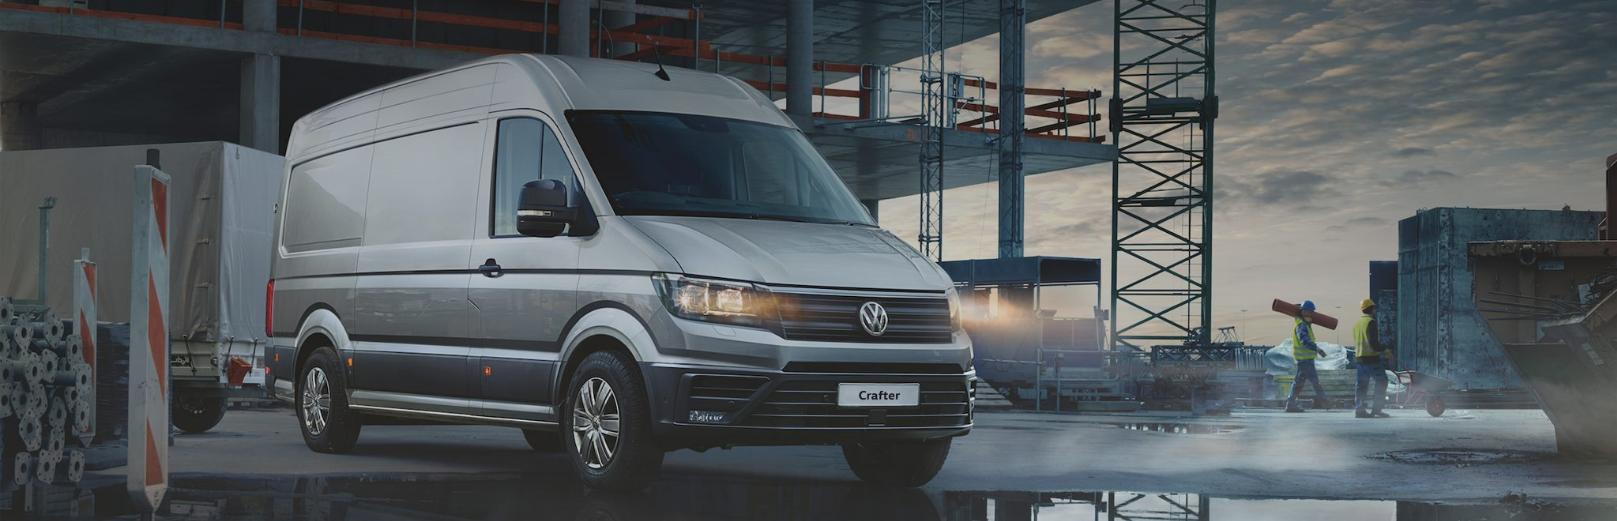 Volkswagen Crafter.png